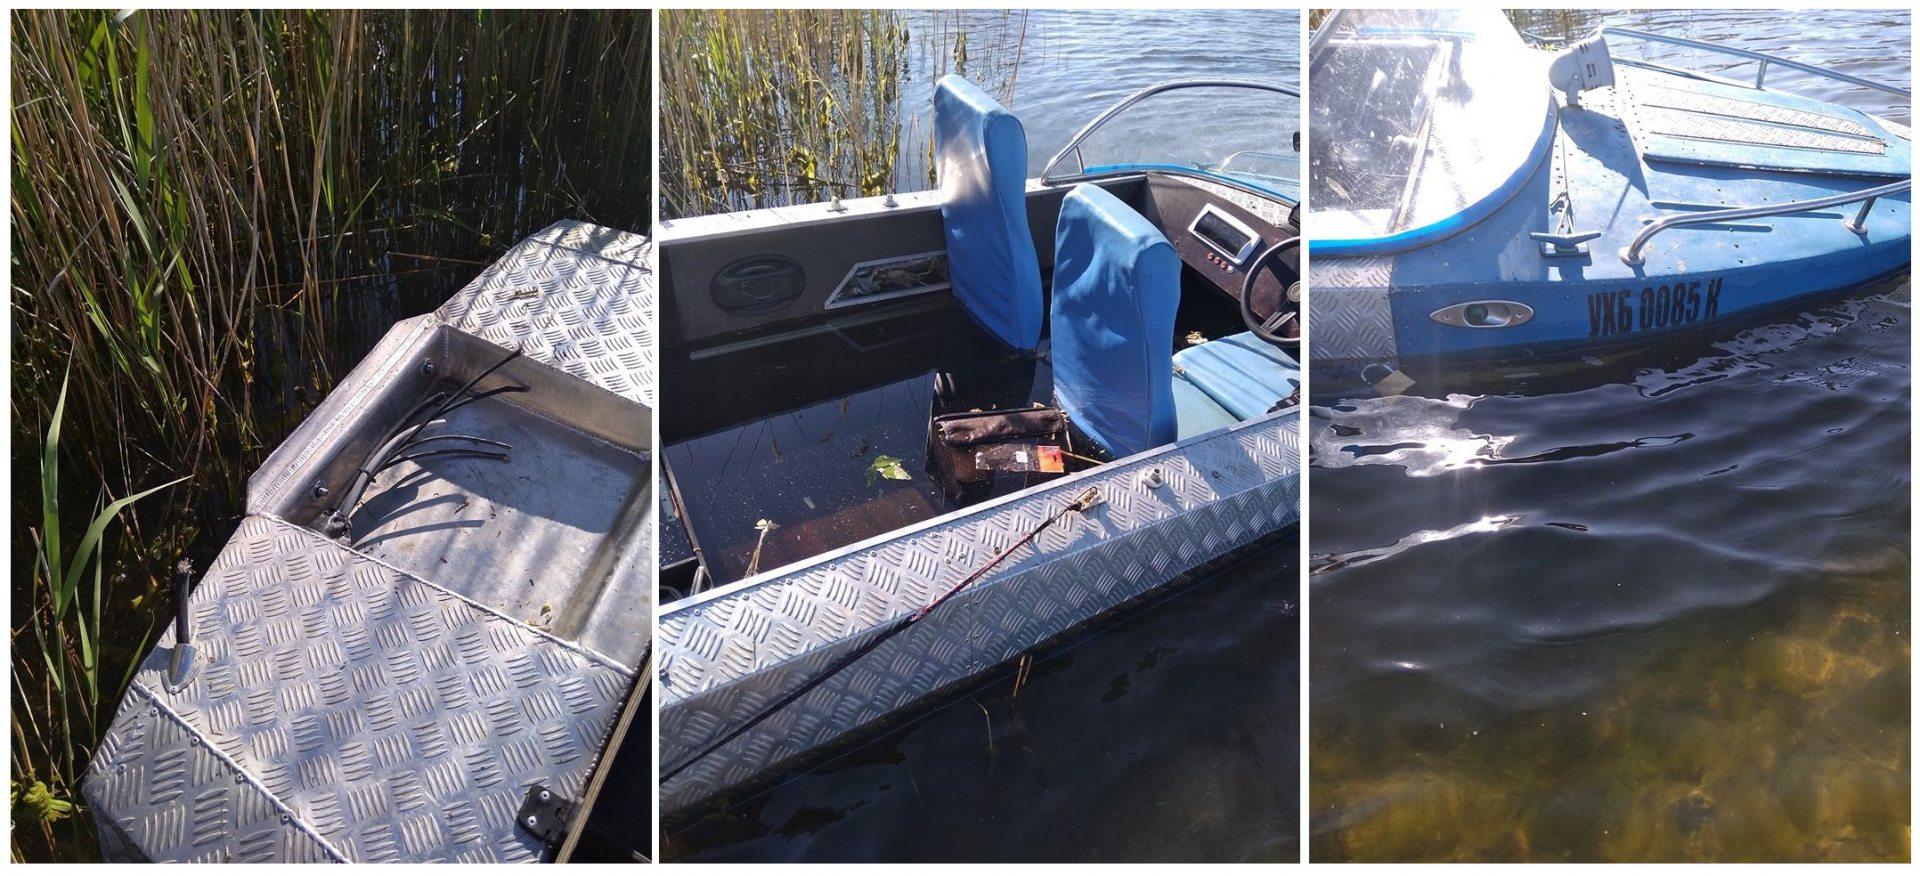 У Херсона на Днепре нашли полузатопленную лодку